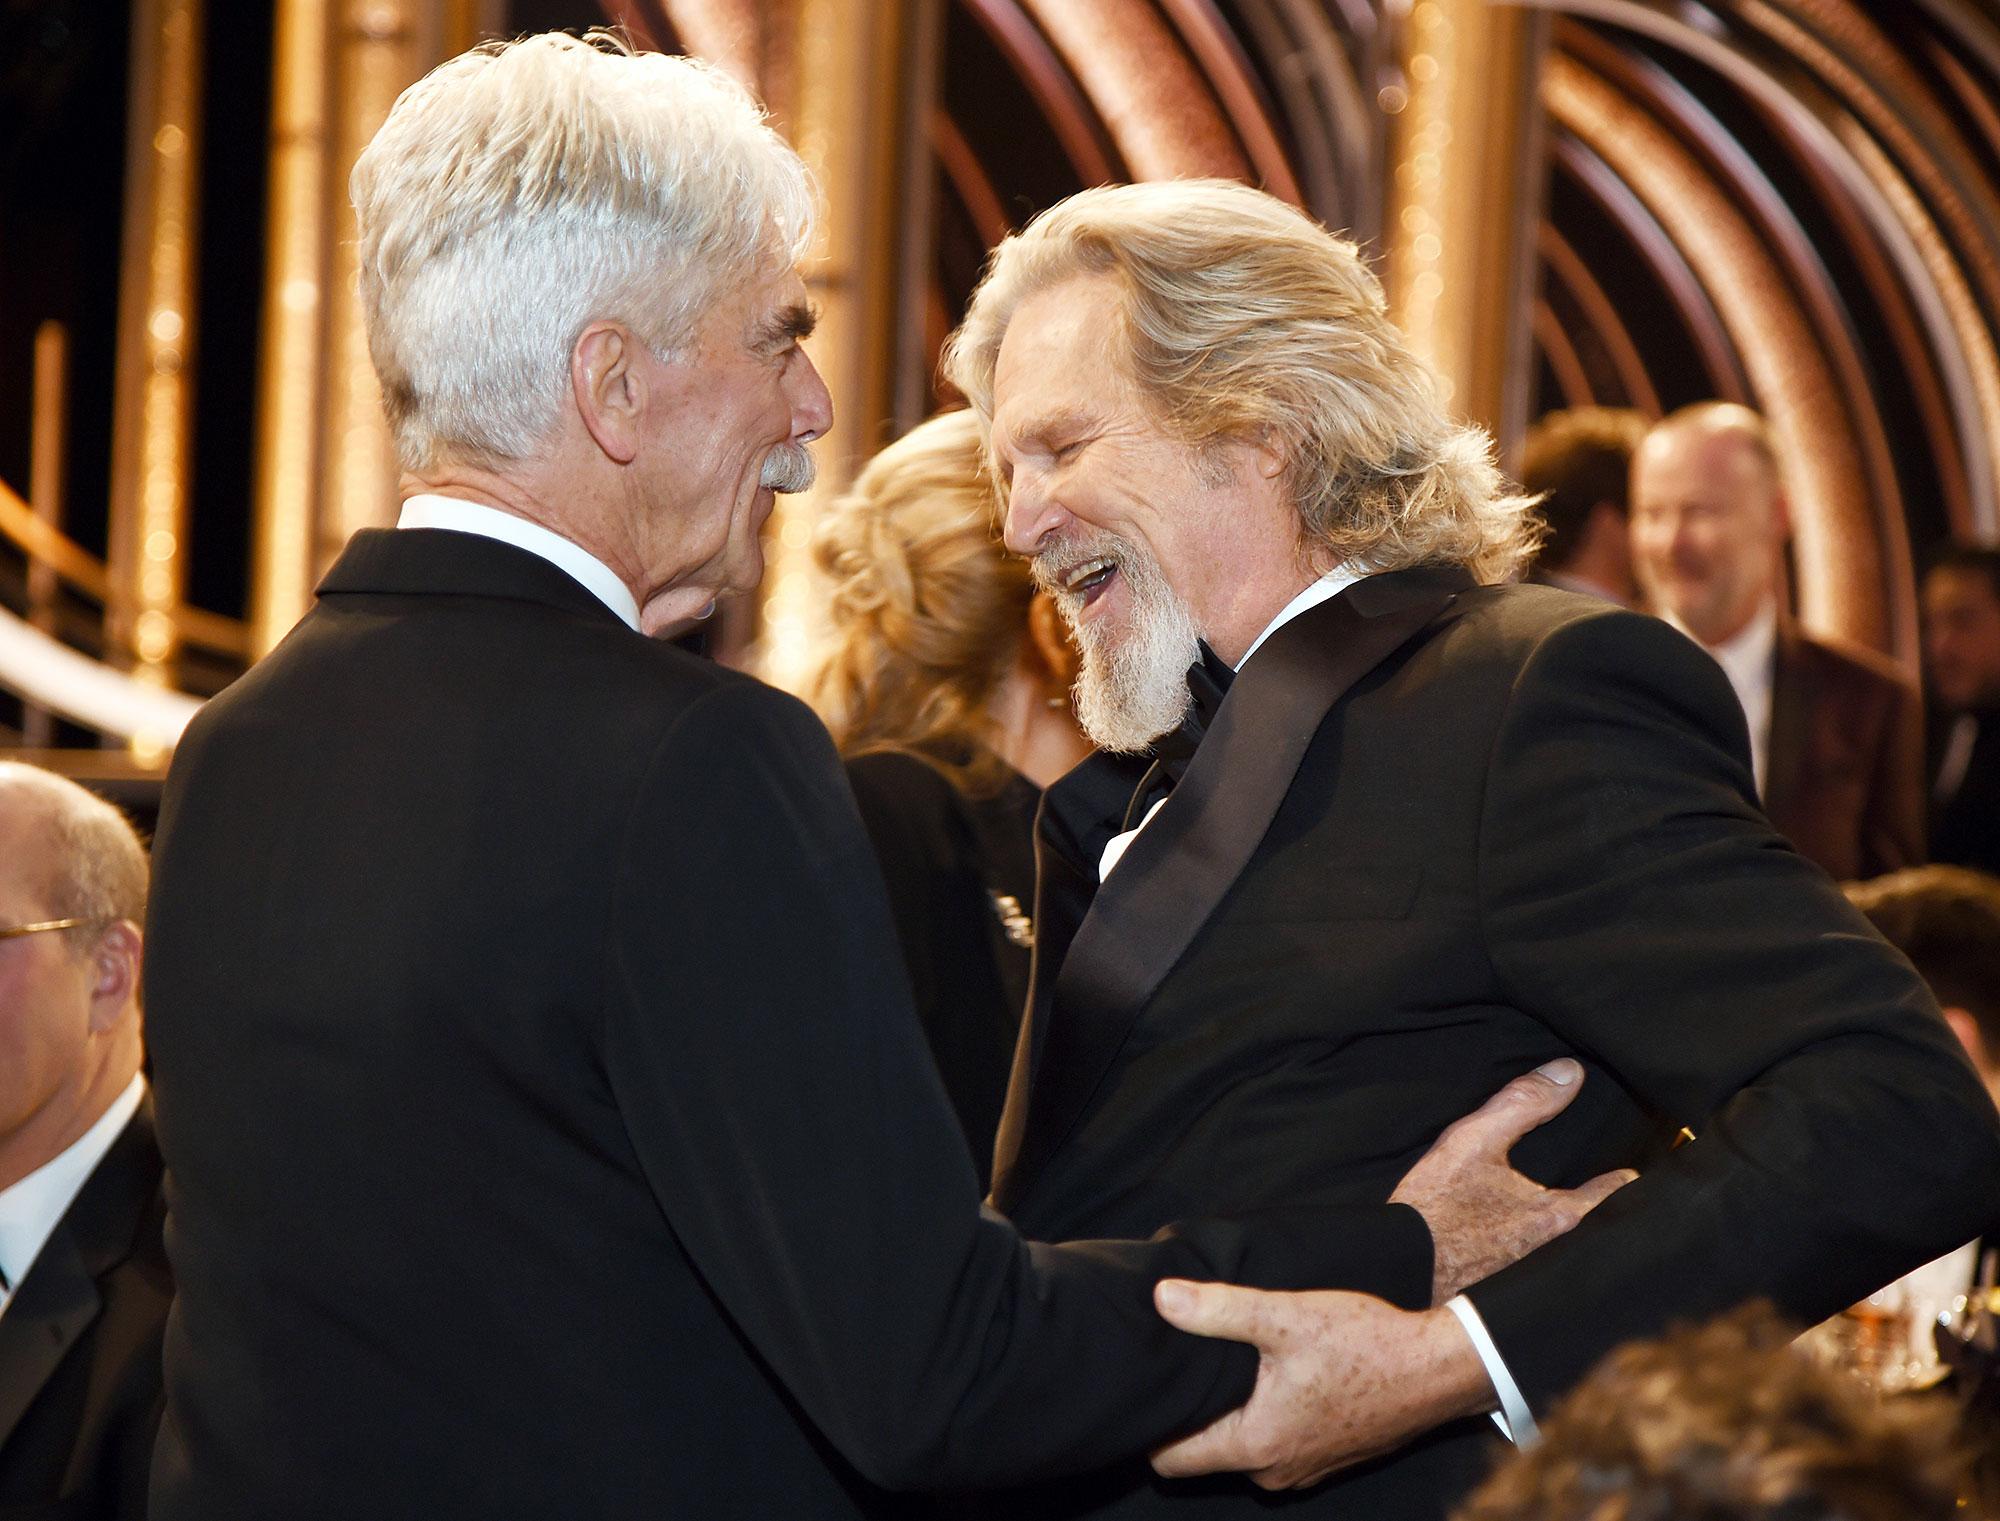 Inside Golden Globes 2019 Sam Elliott Jeff Bridges - Sam Elliott and Jeff Bridges had a Big Lebowski reunion 20 years later.